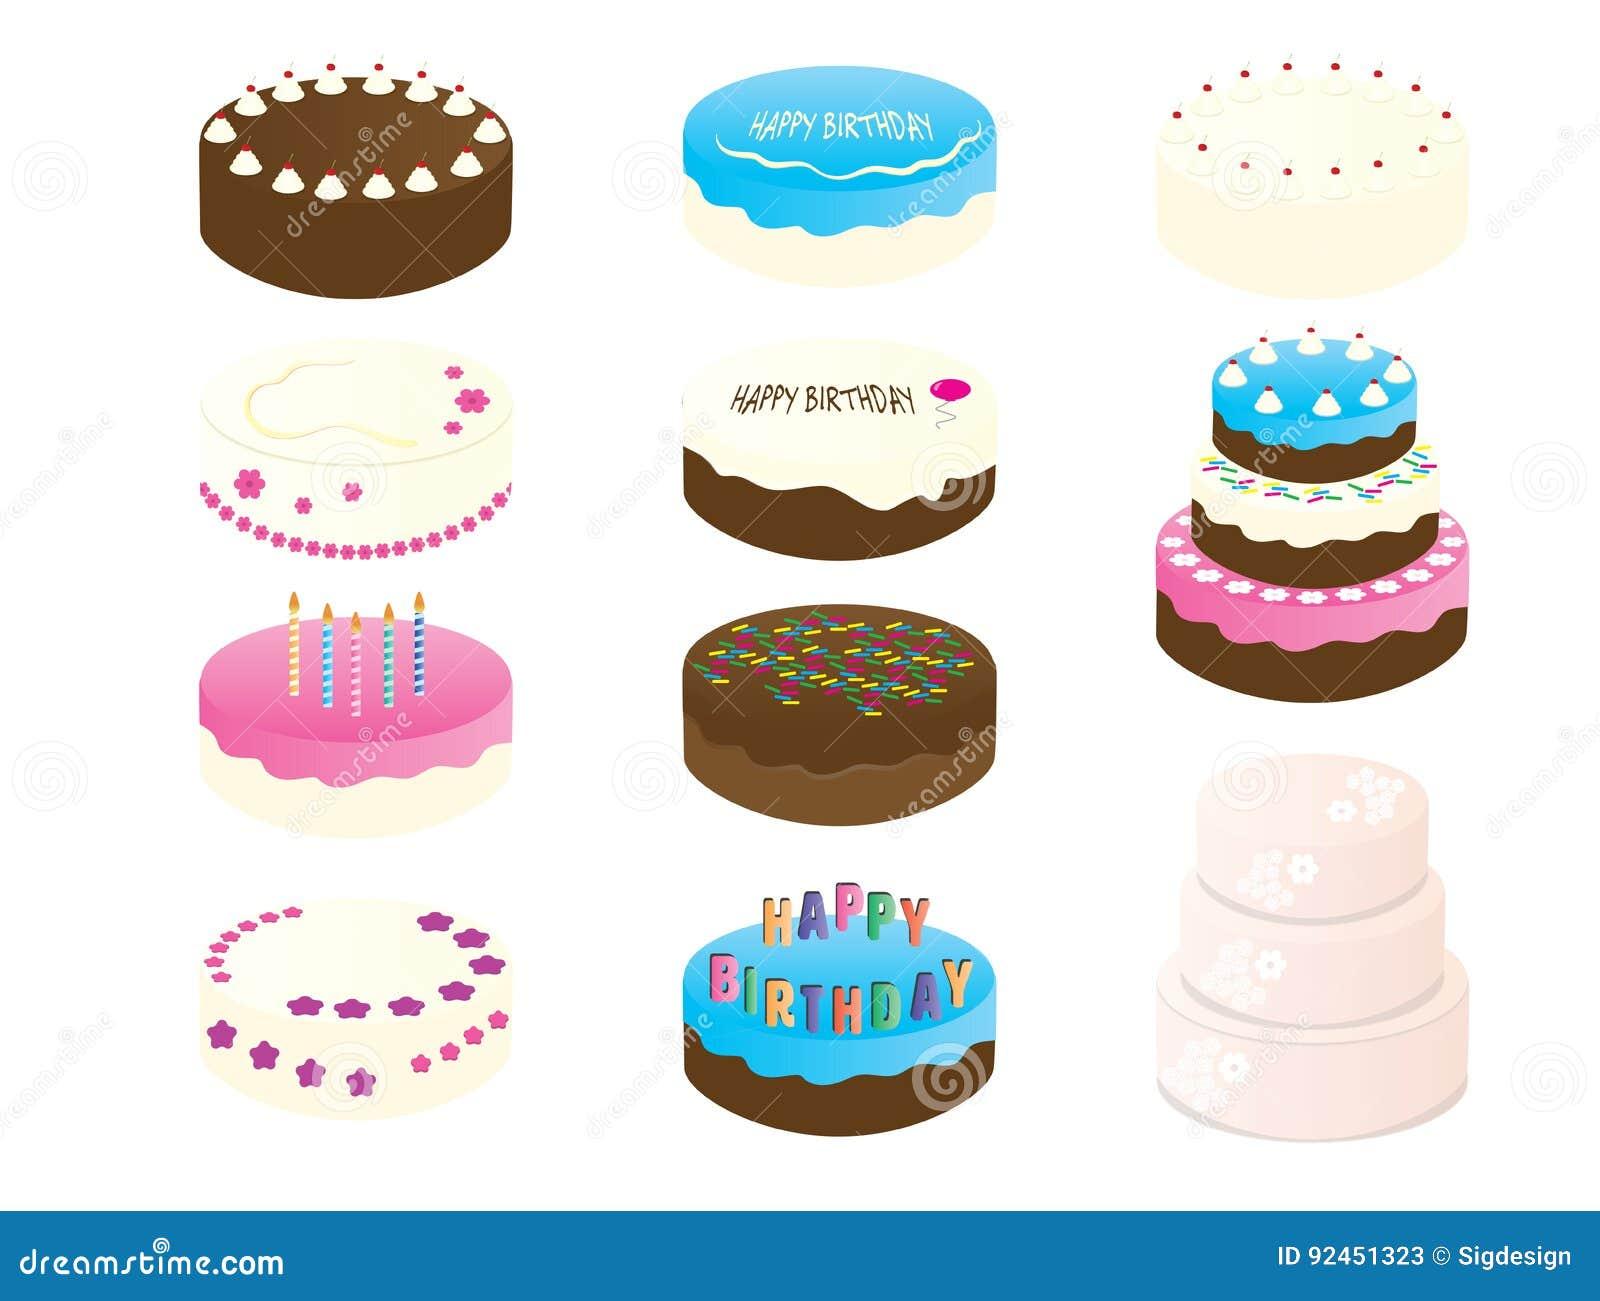 11 Geburtstags Kuchen Cliparte Vektor Abbildung Illustration Von